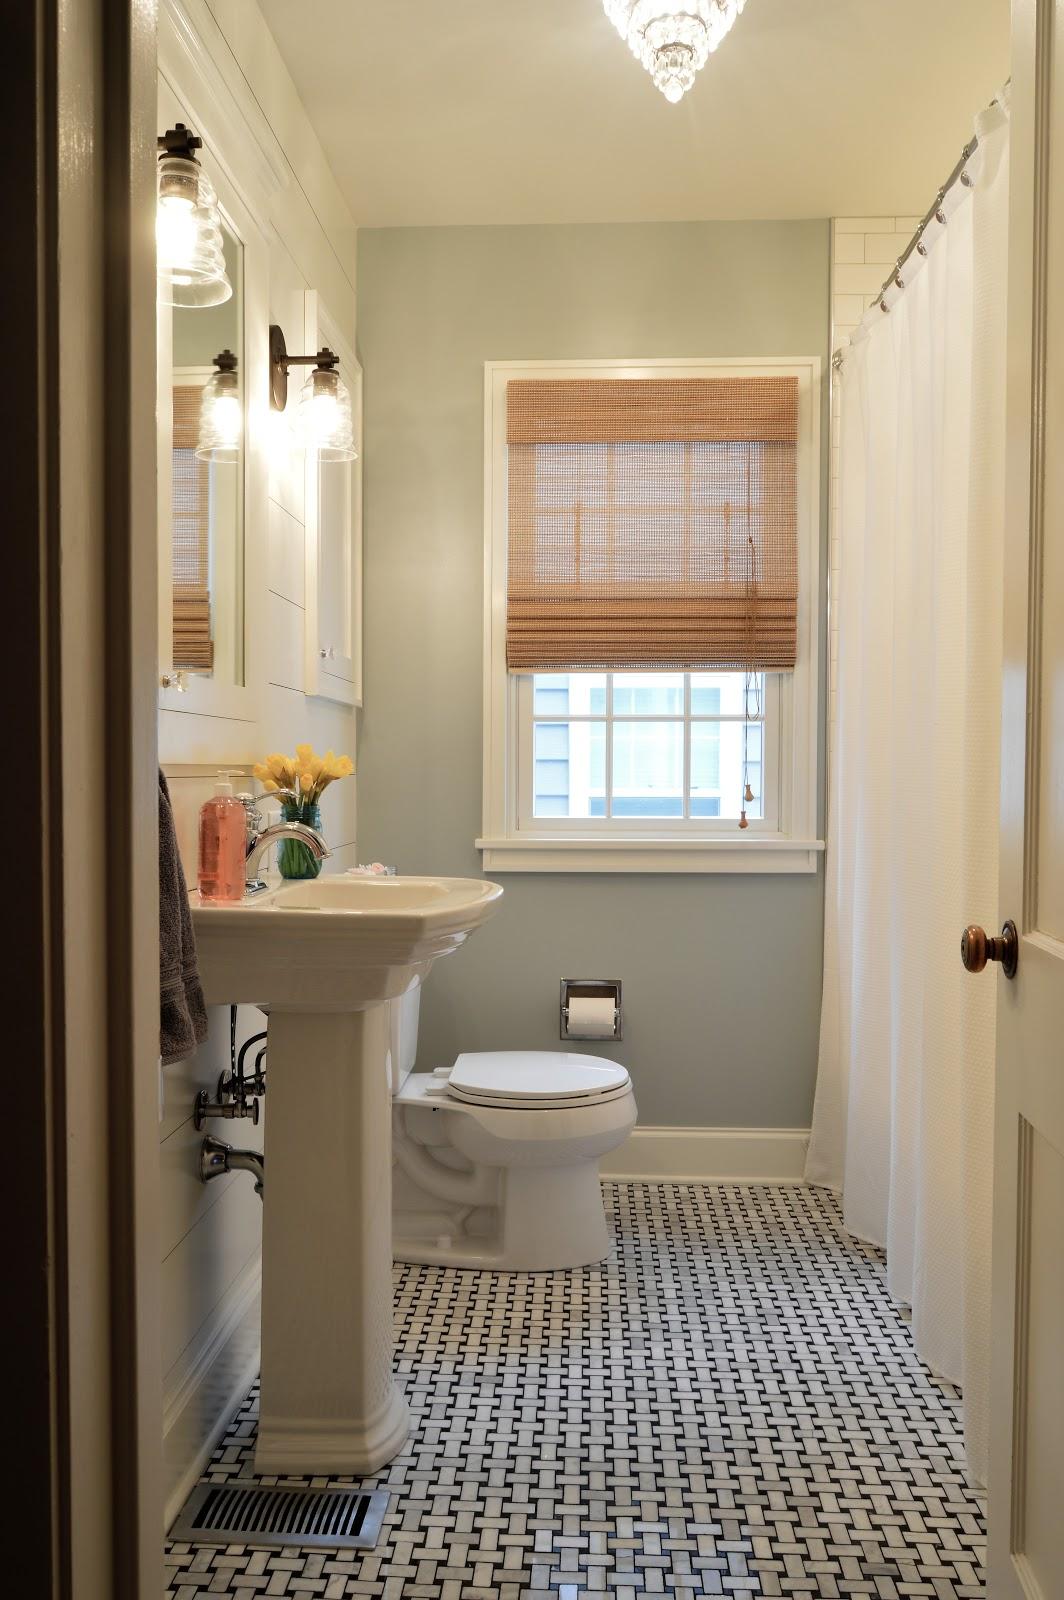 KRUSE'S WORKSHOP: 1930's Cottage Bathroom Remodel on decorating styles 1930 s, tile desgins 1930 s, bathroom tile designs from 1930,